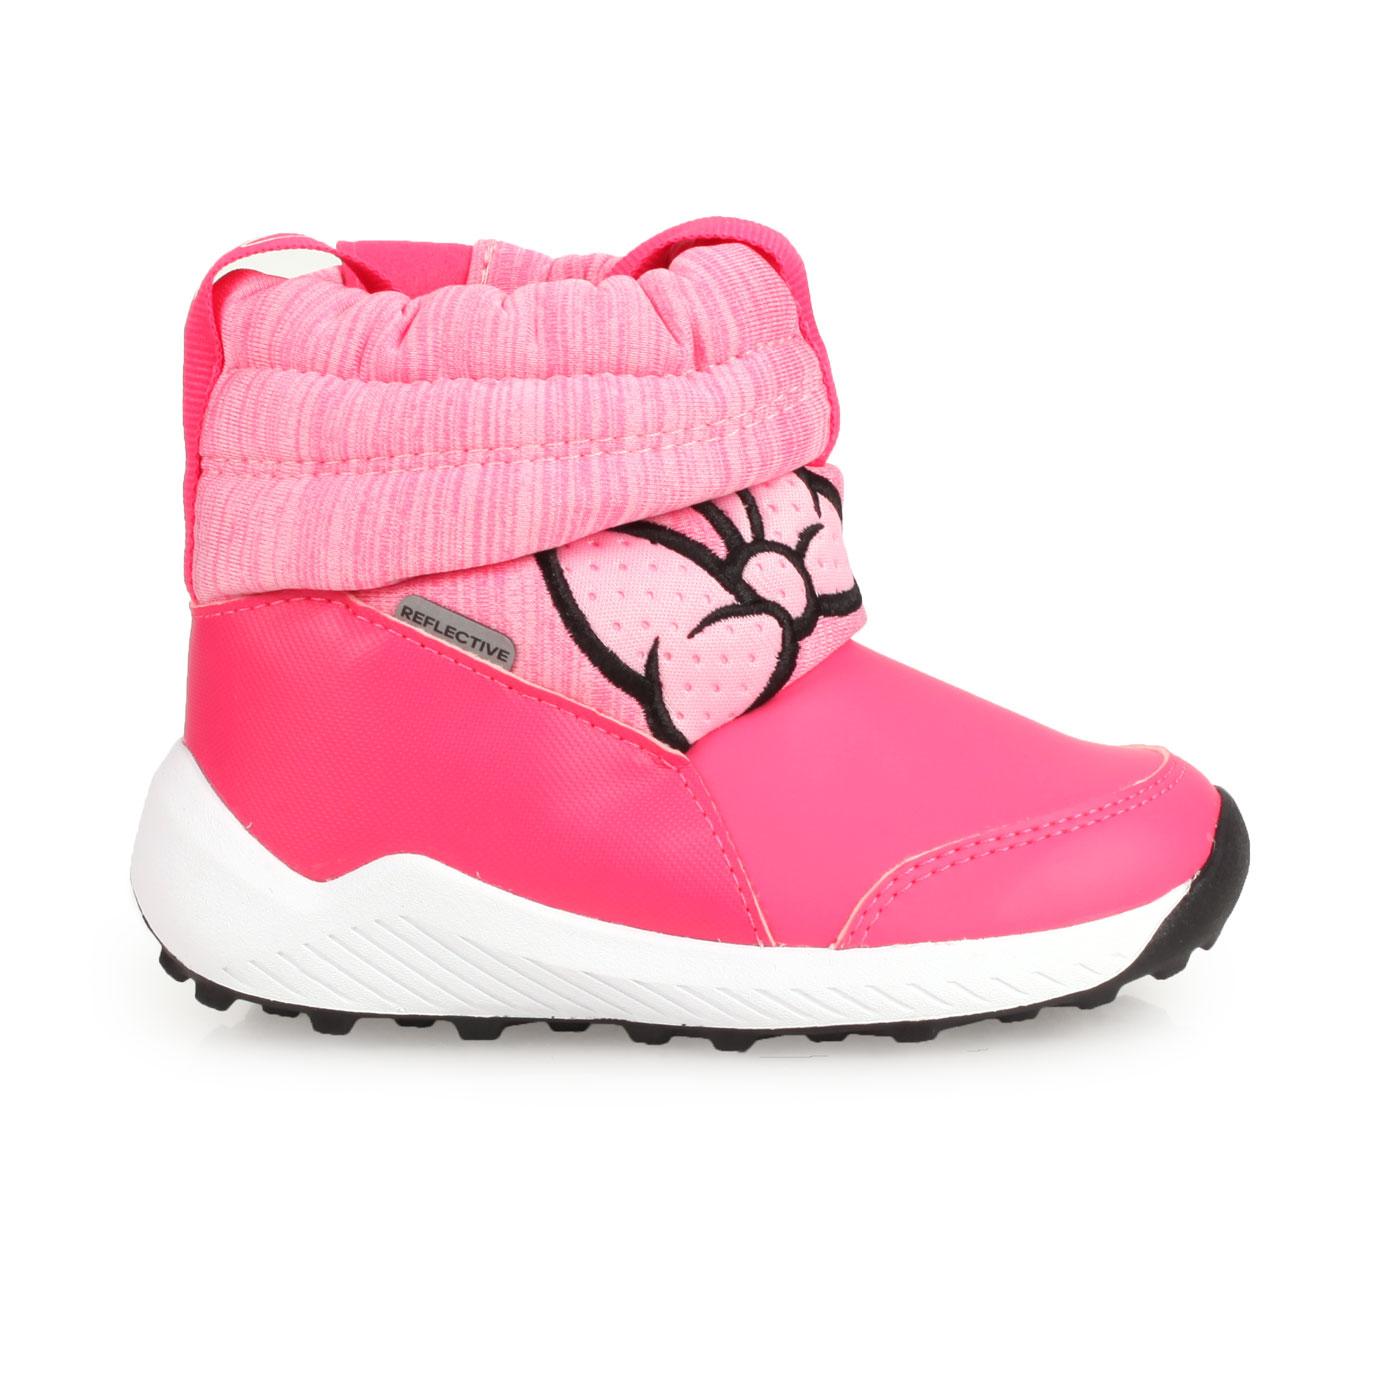 ADIDAS 小童保暖短筒靴  @RapidaSnow Minnie I@G27543 - 桃紅粉黑